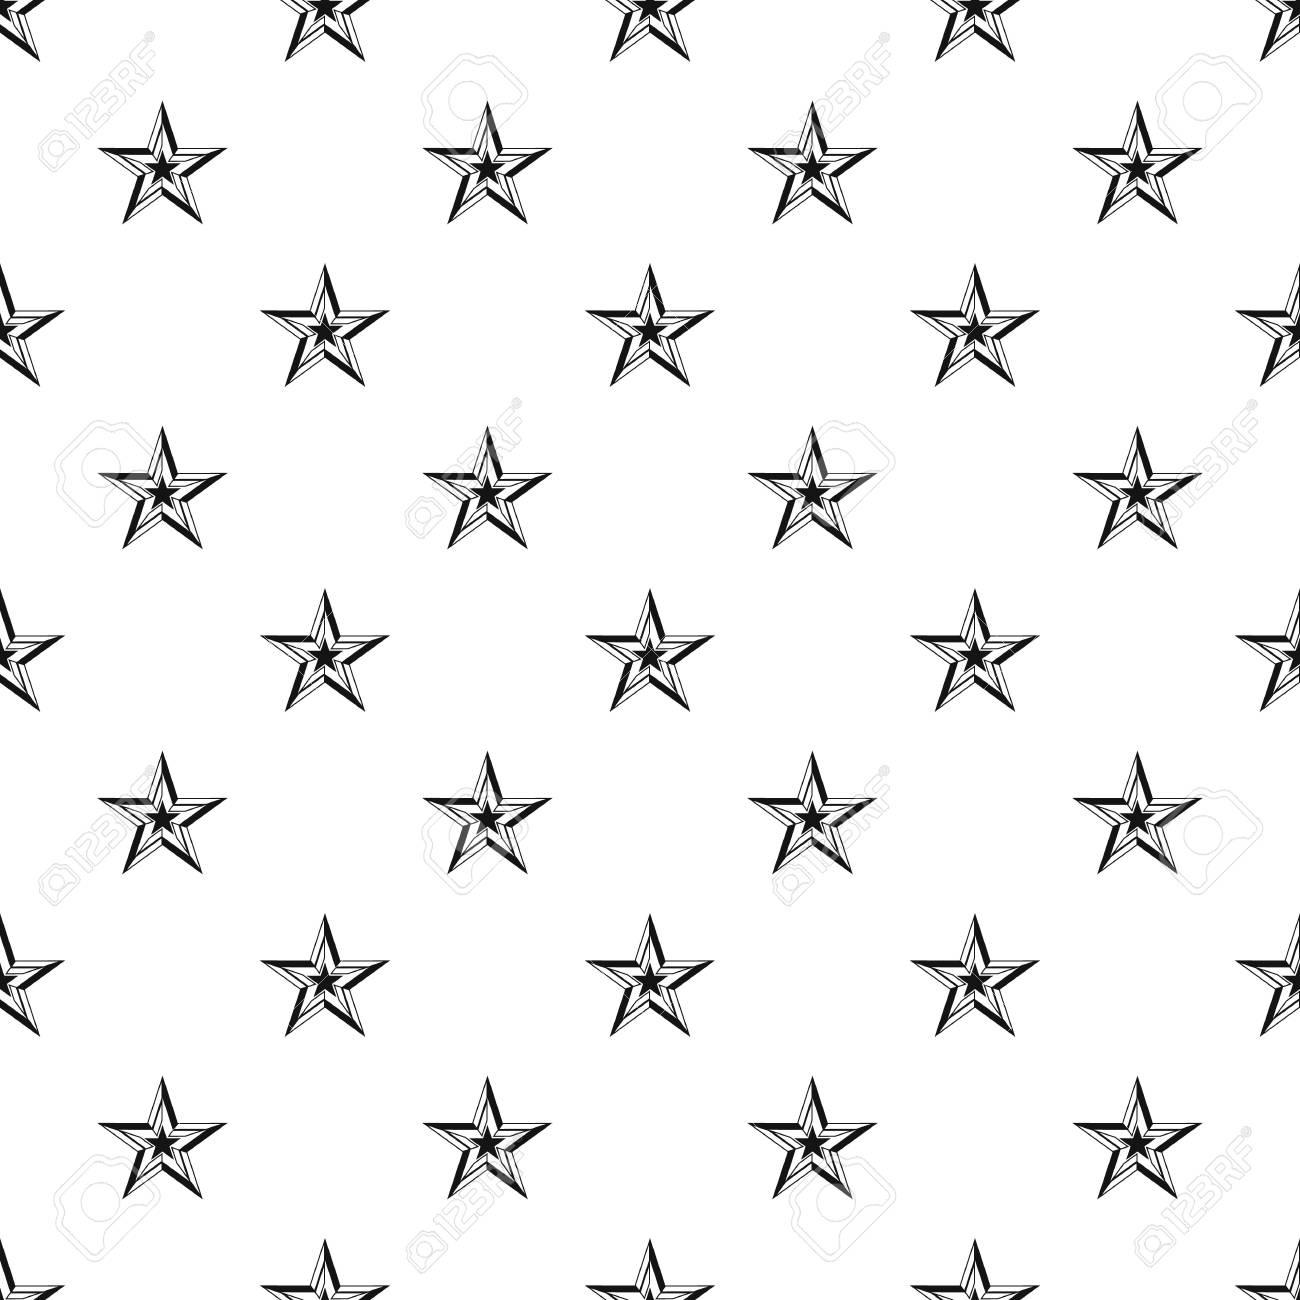 Fünf Zackigen Stern Muster. Einfache Abbildung Von Fünfzackigen ...